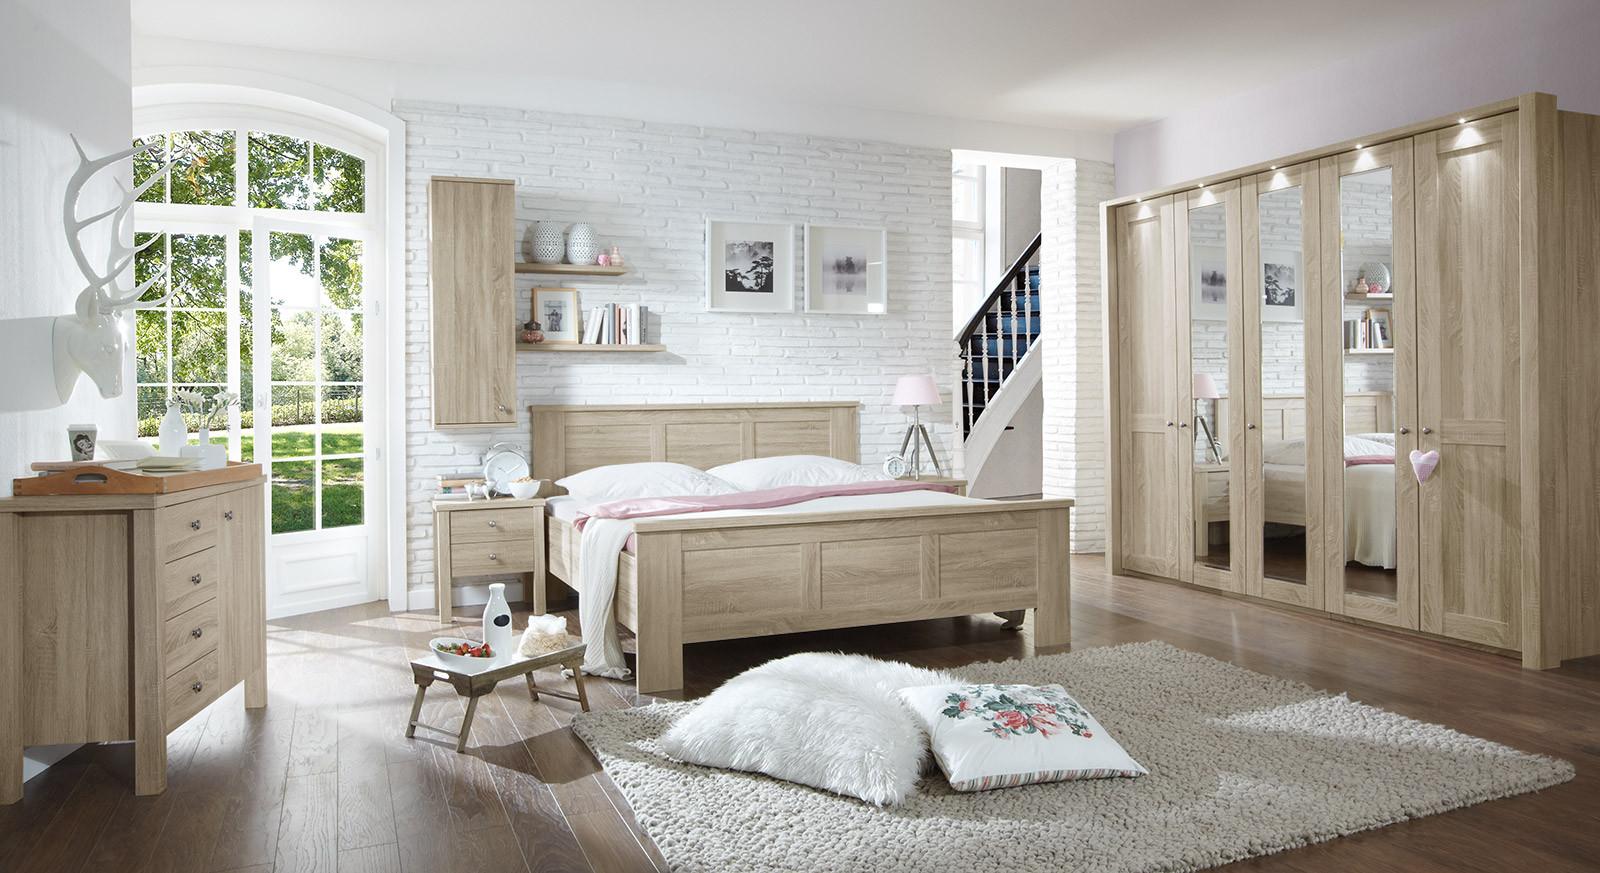 Landhaus Schlafzimmer  Landhaus Komplett Schlafzimmer Eiche sägerau mit Beimöbeln